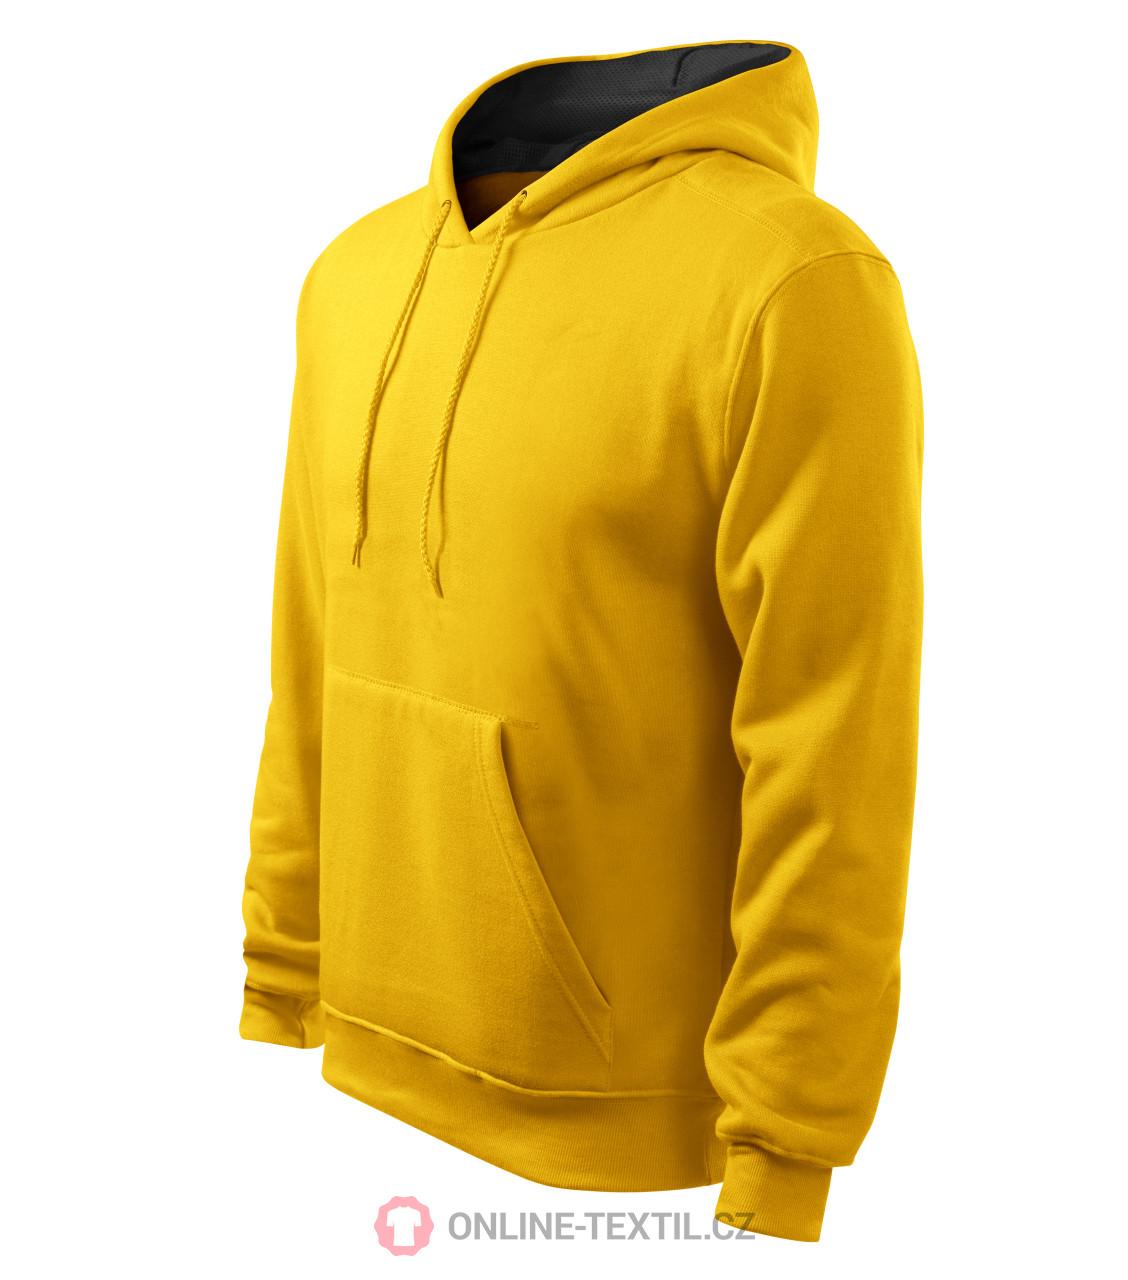 7f7bbc76aa5f ADLER CZECH Mikina pánska Hooded Sweater s kapucňou 405 - žltá z ...